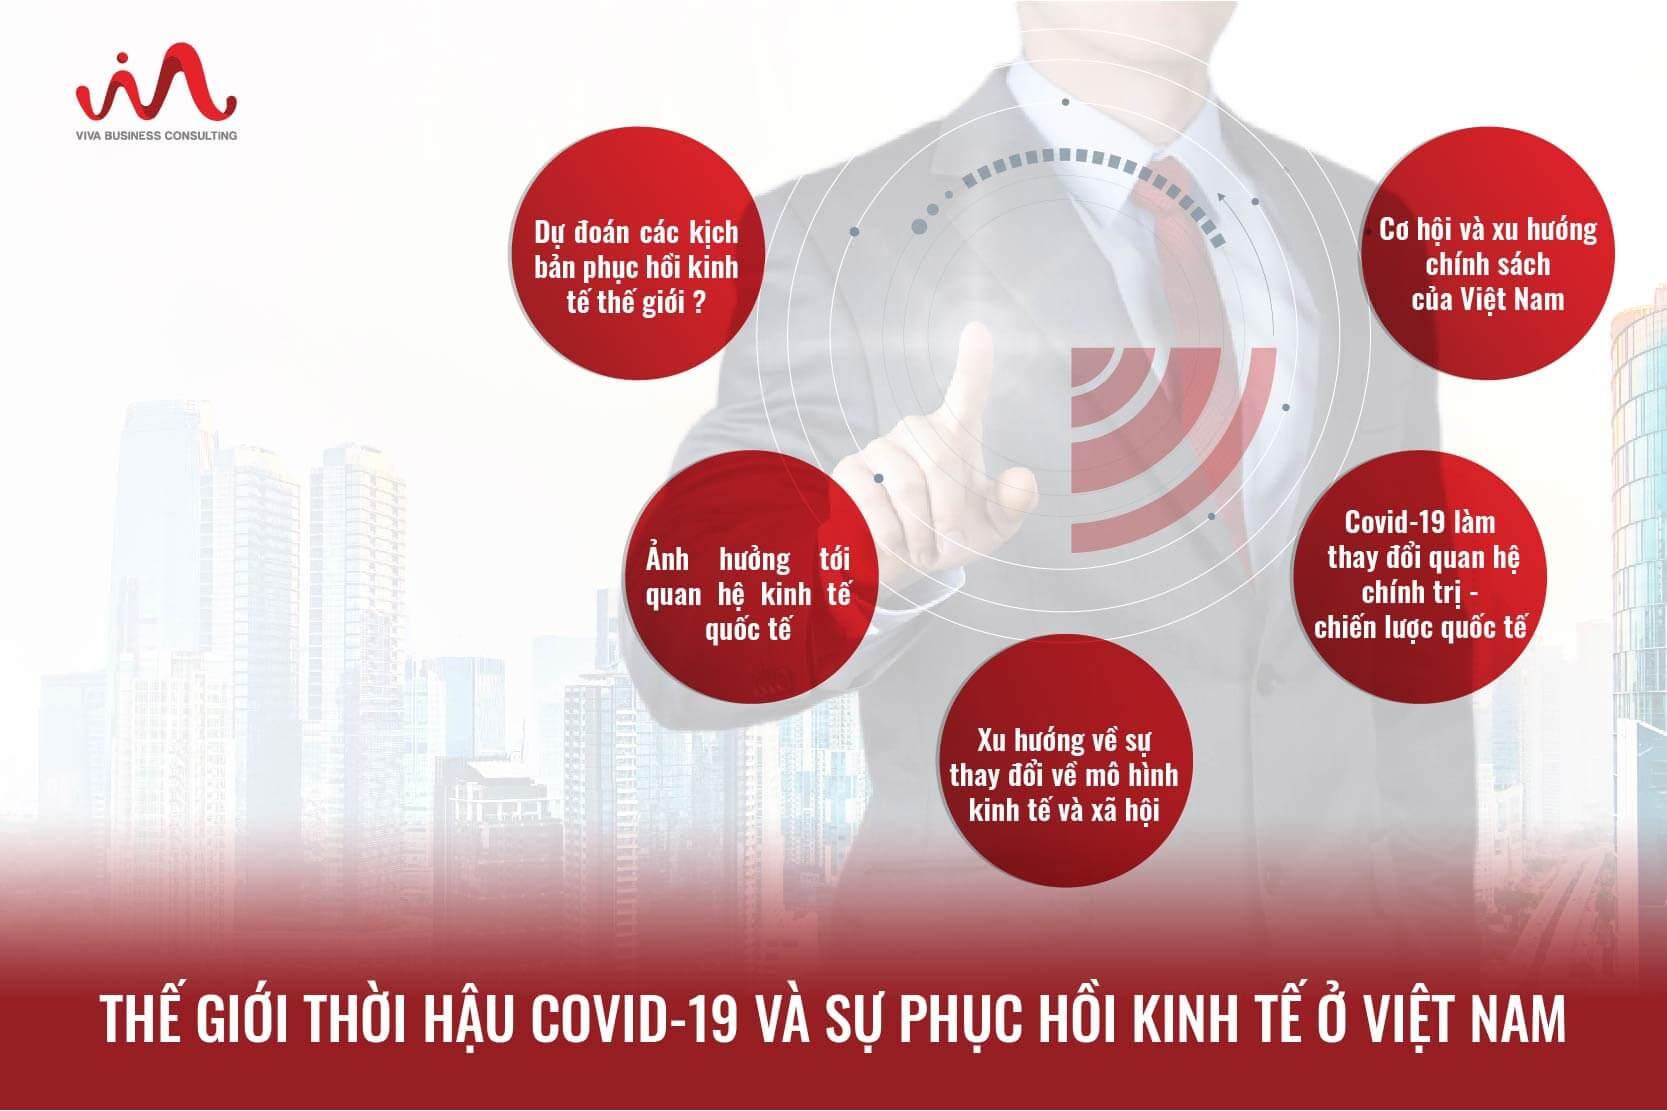 Sự phục hồi kinh tế ở Việt Nam